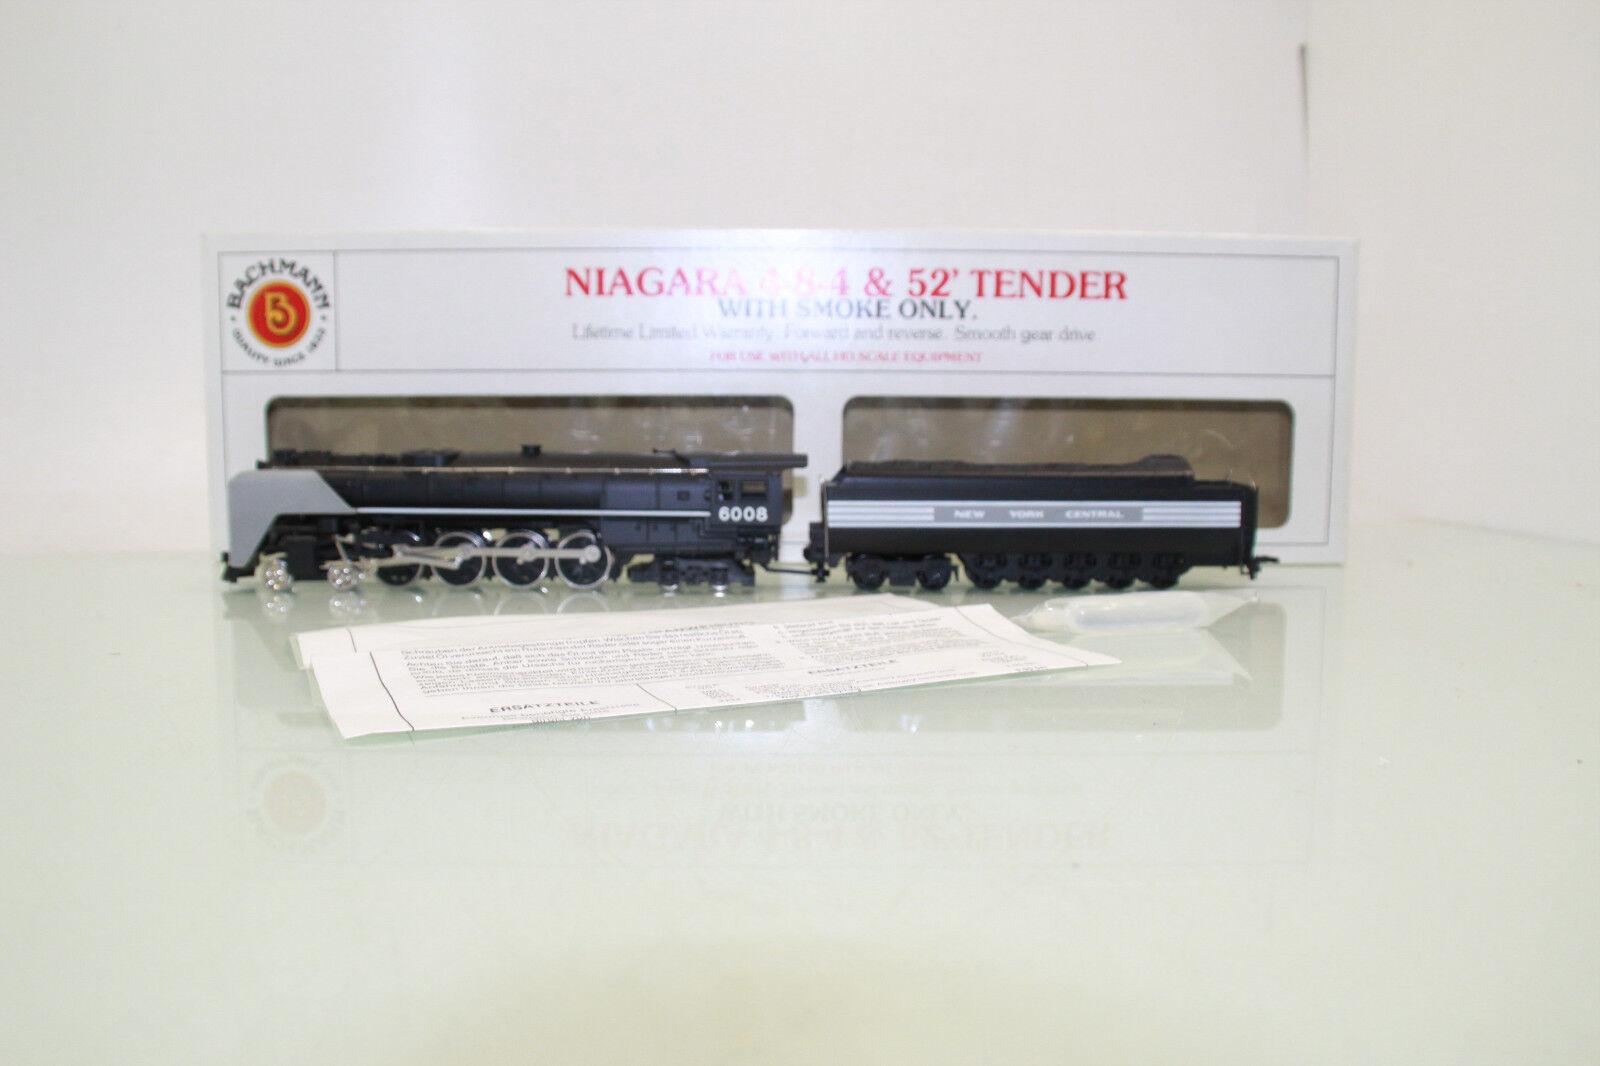 Bachmann traccia h0 US locomotiva Niagara 4-8-4 4-8-4 4-8-4 & 52' tender con il fumo in scatola originale (nl2692) dab936